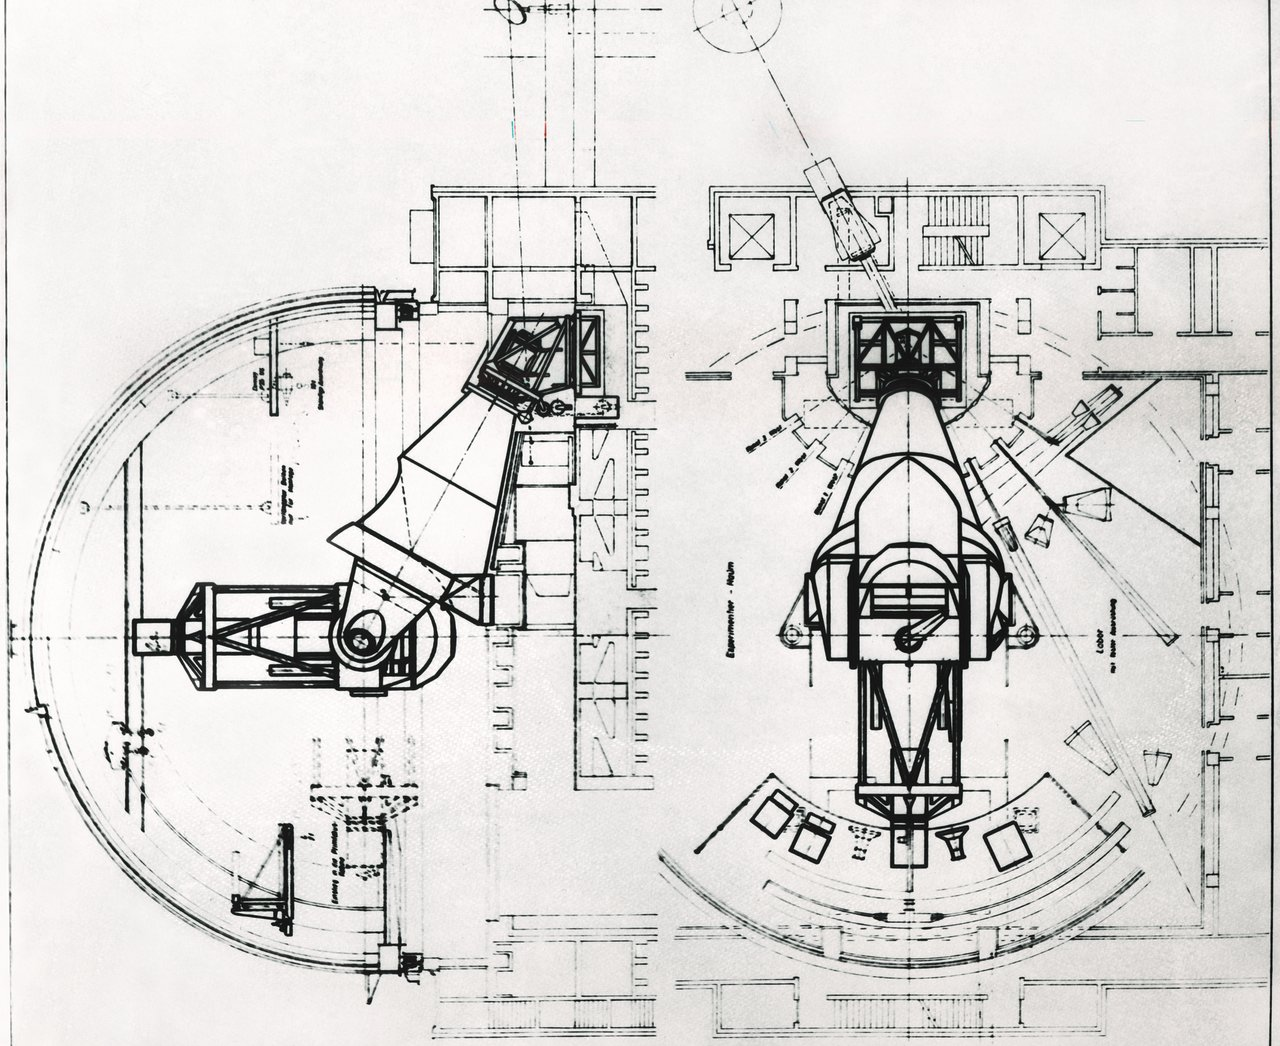 ESO 3.6-metre telescope design drawings